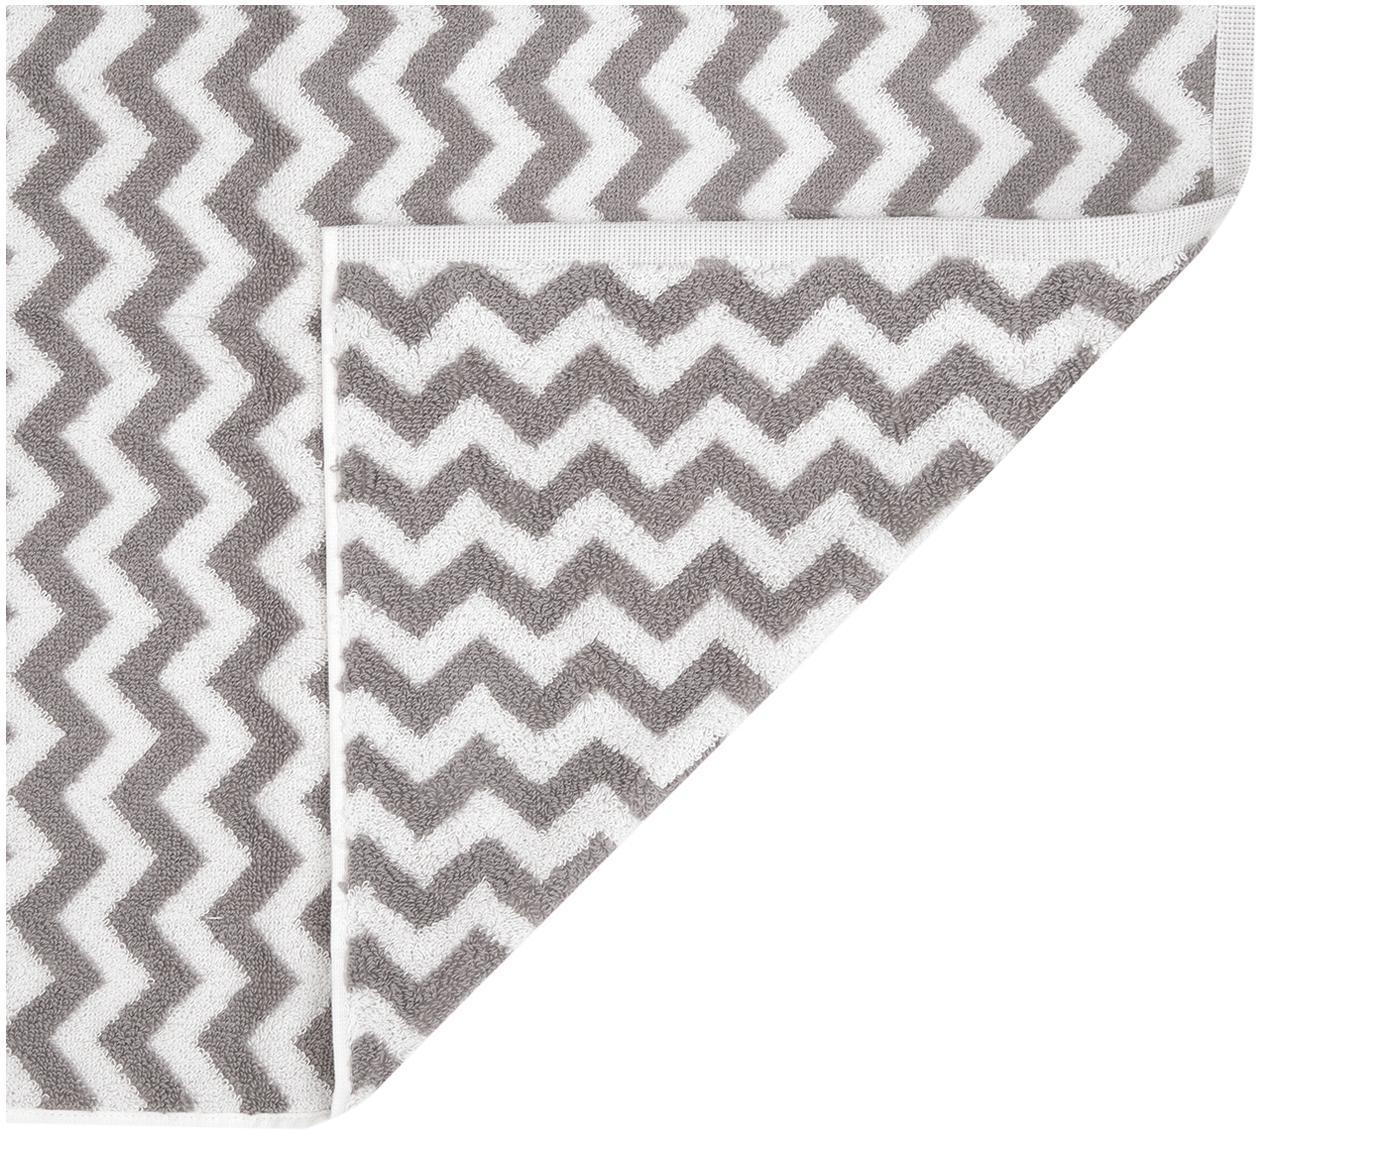 Handtuch Liv in verschiedenen Größen, mit Zickzack-Muster, Taupe, Cremeweiß, Handtuch